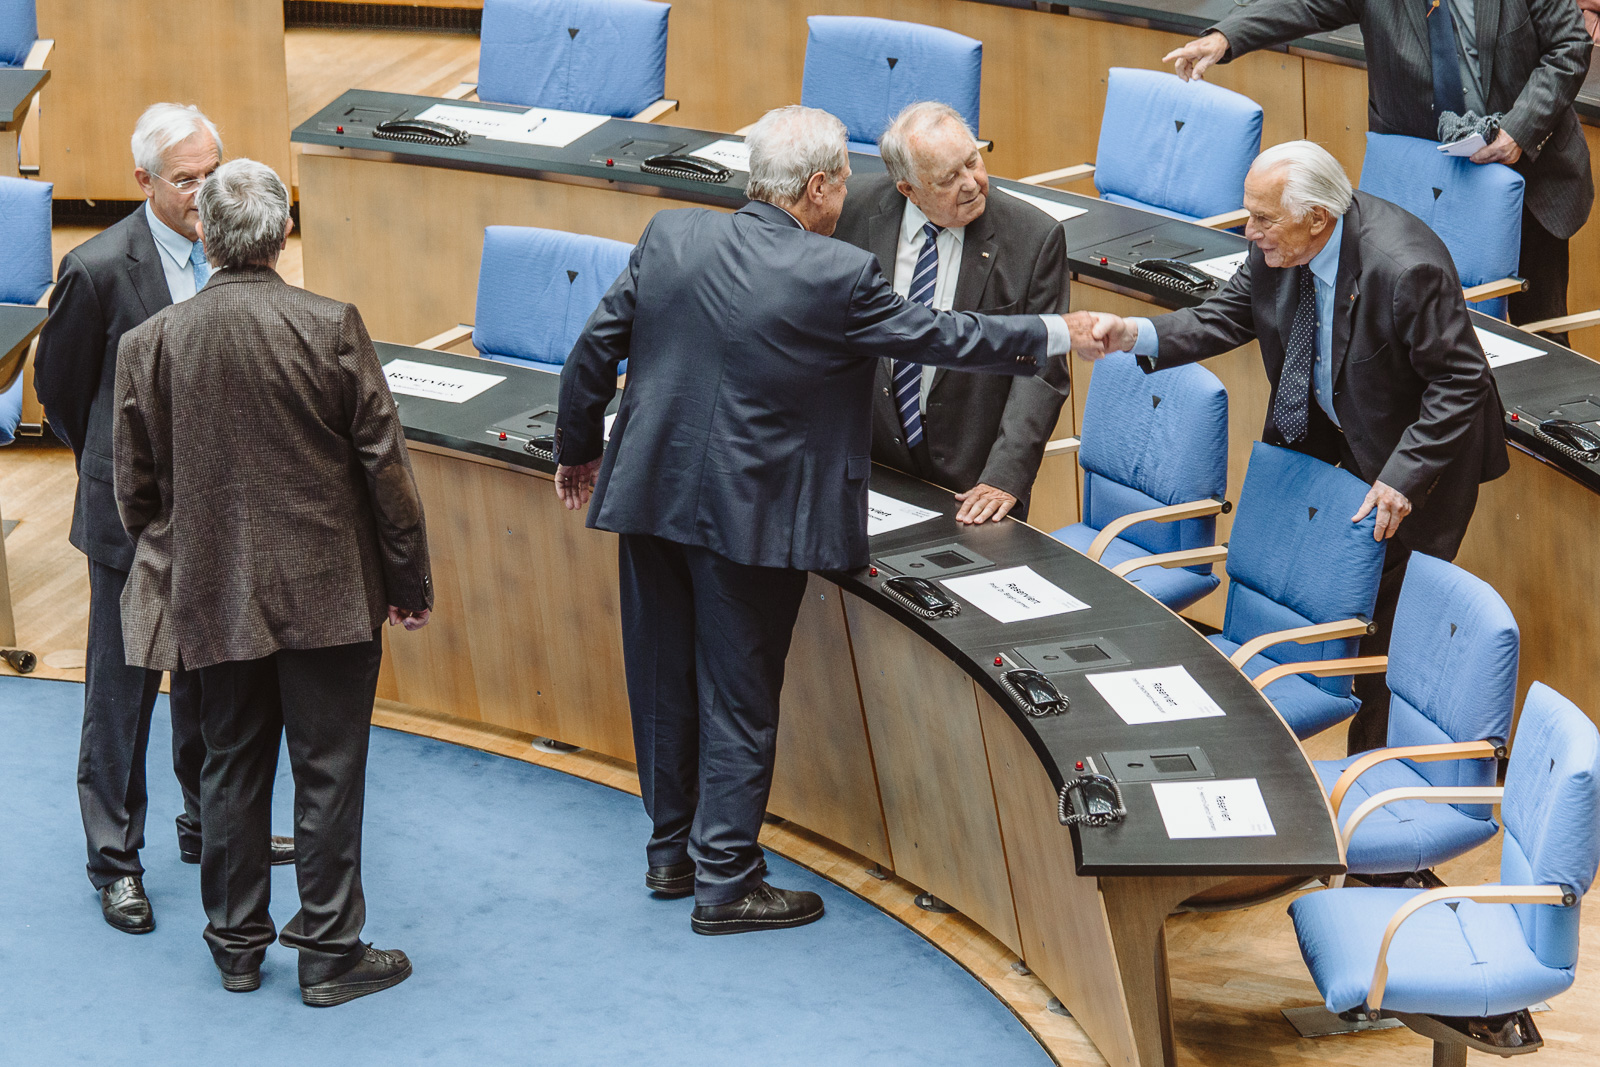 Konferenzfotografie - Wasserwerkgespräch der Konrad-Adenauer-Stifung